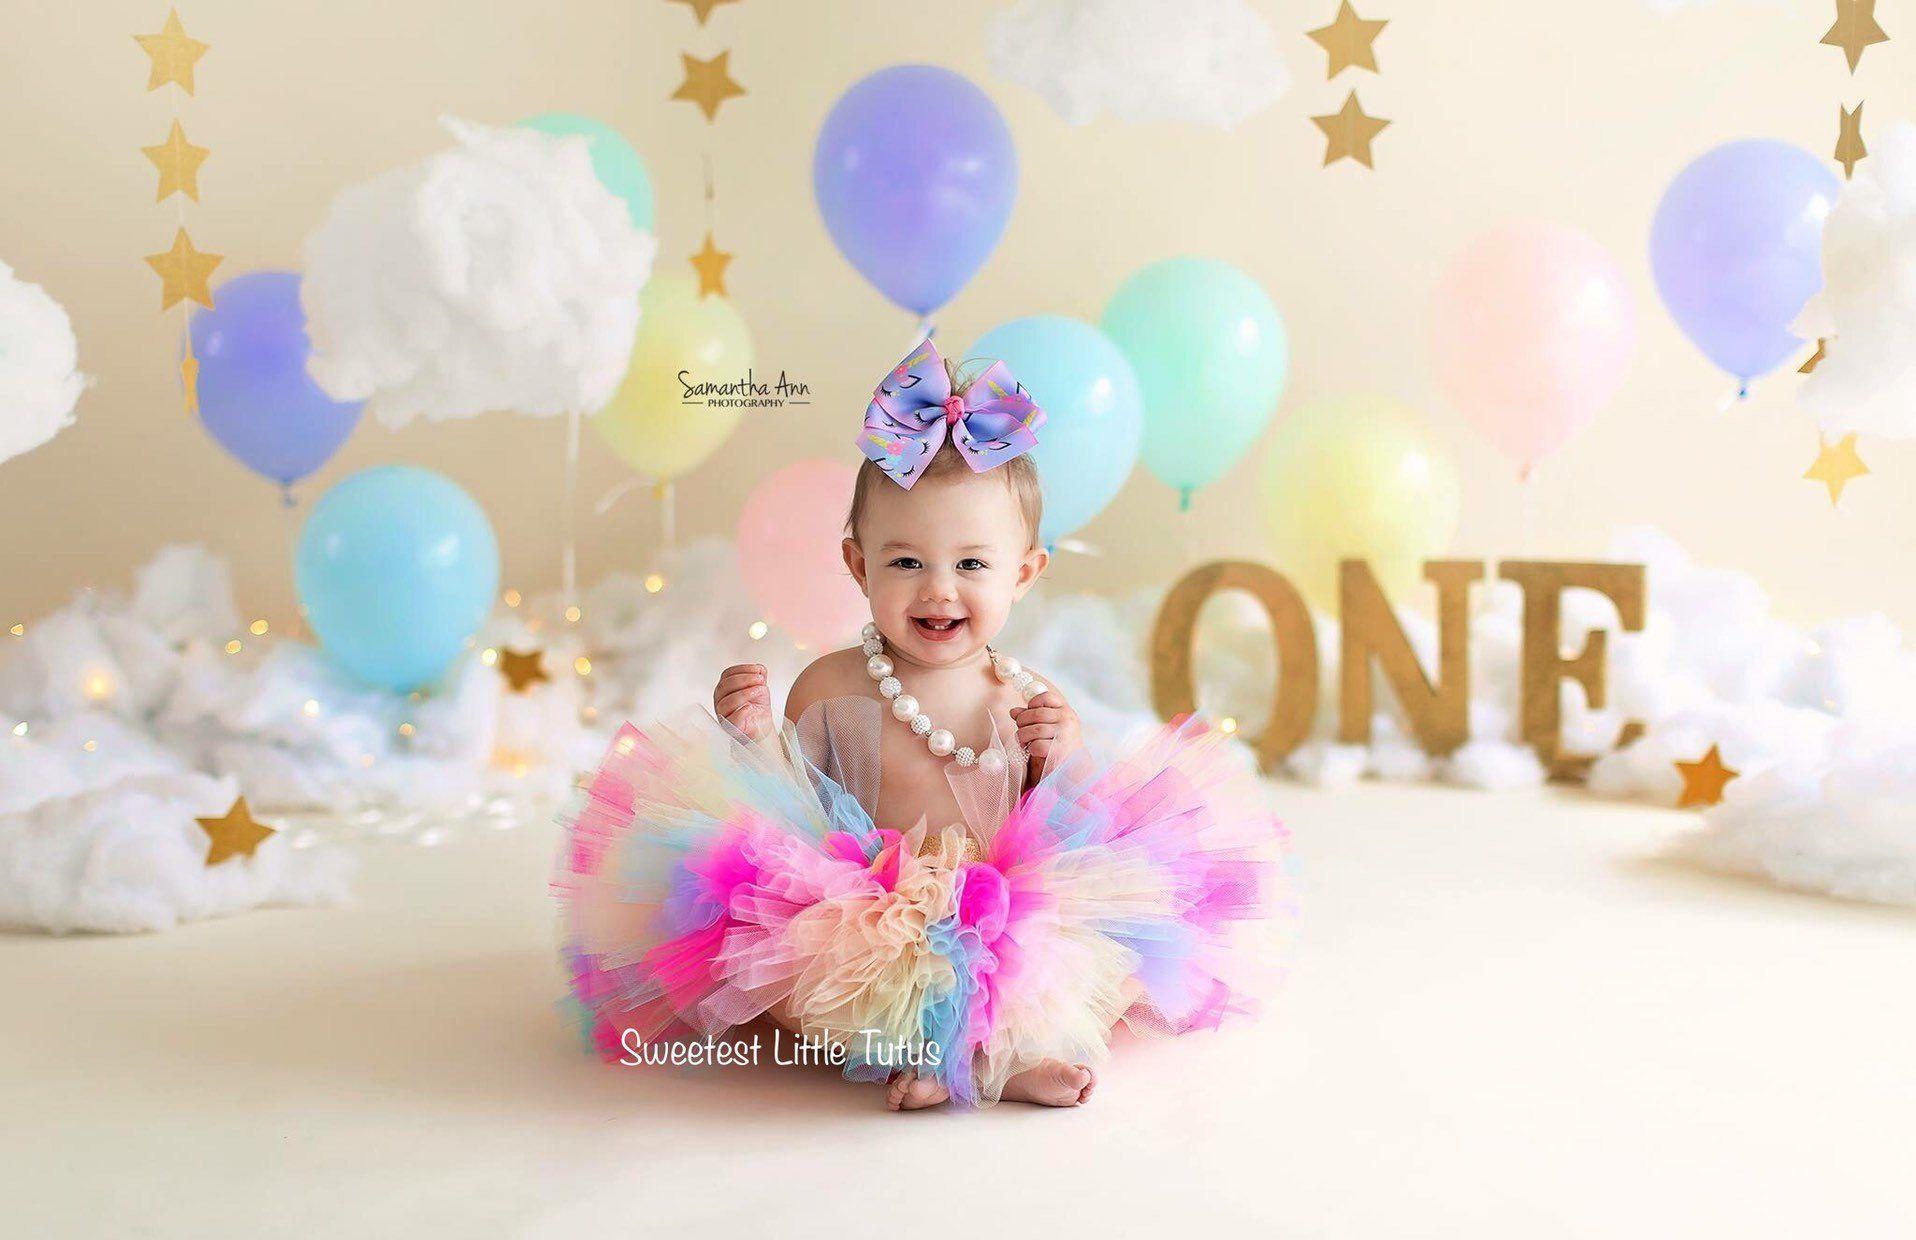 Birthday Tutu Blue Tutu Cake Smash Tutu Costume Tutu Baby Tutu 1st Bday Tutu Newborn Tutu First Birthday Tutu